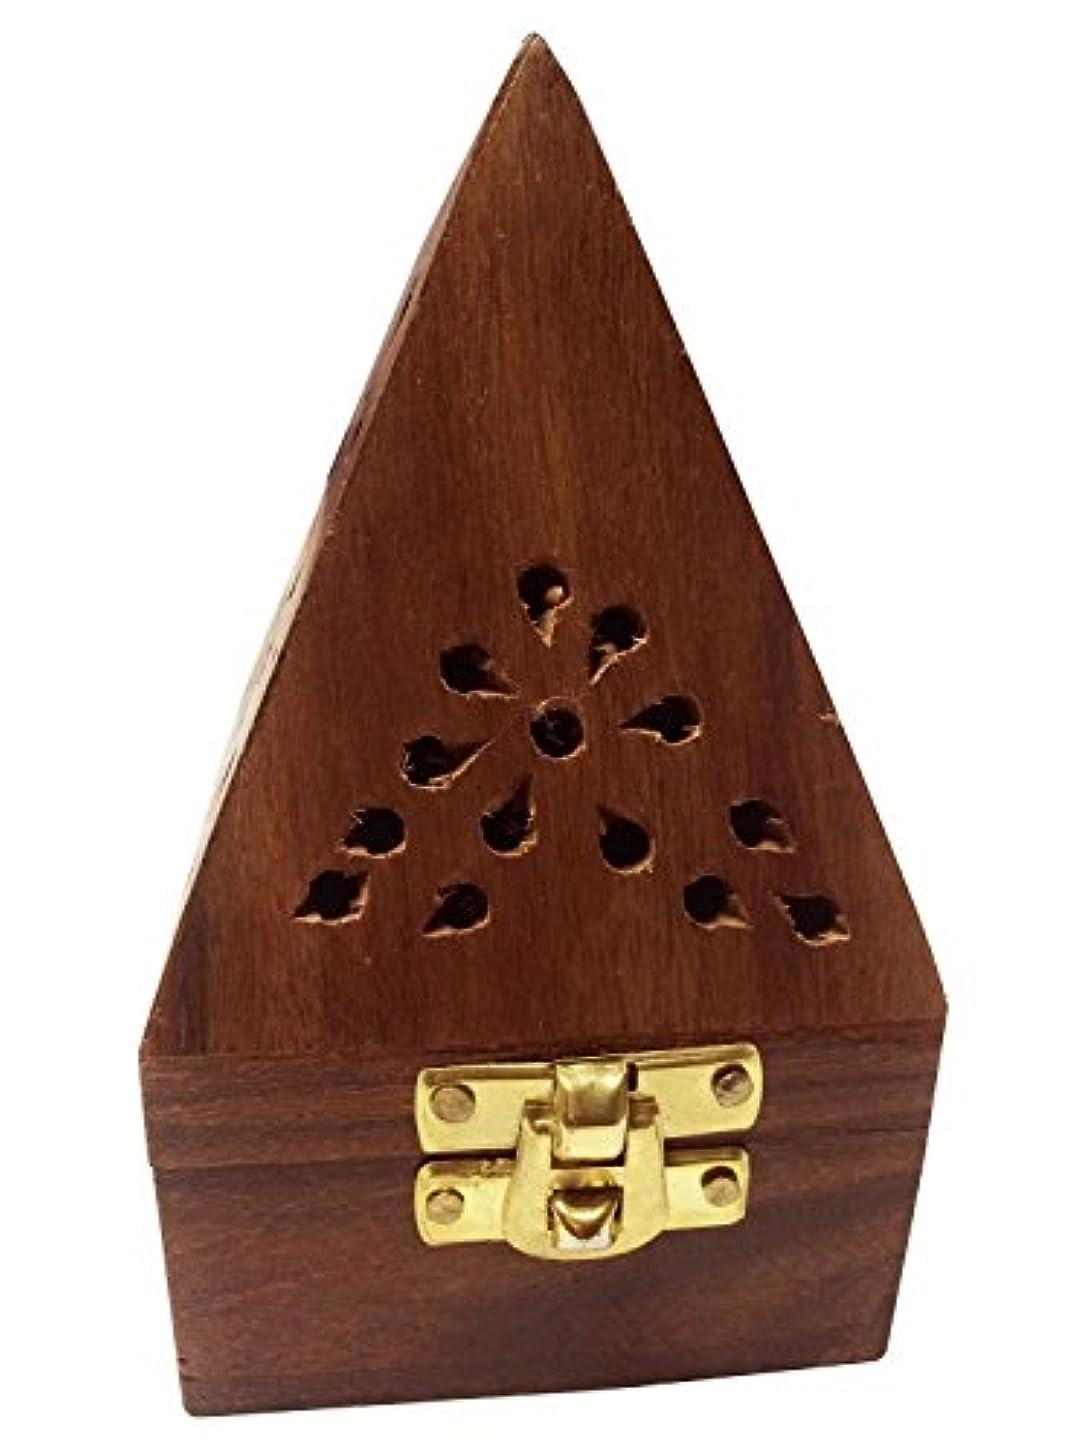 敗北産地哀Wooden Classic Pyramid Style Burner (Dhoop Holder) With Base Square and top Cone Shape,Wooden Incense Burner Box